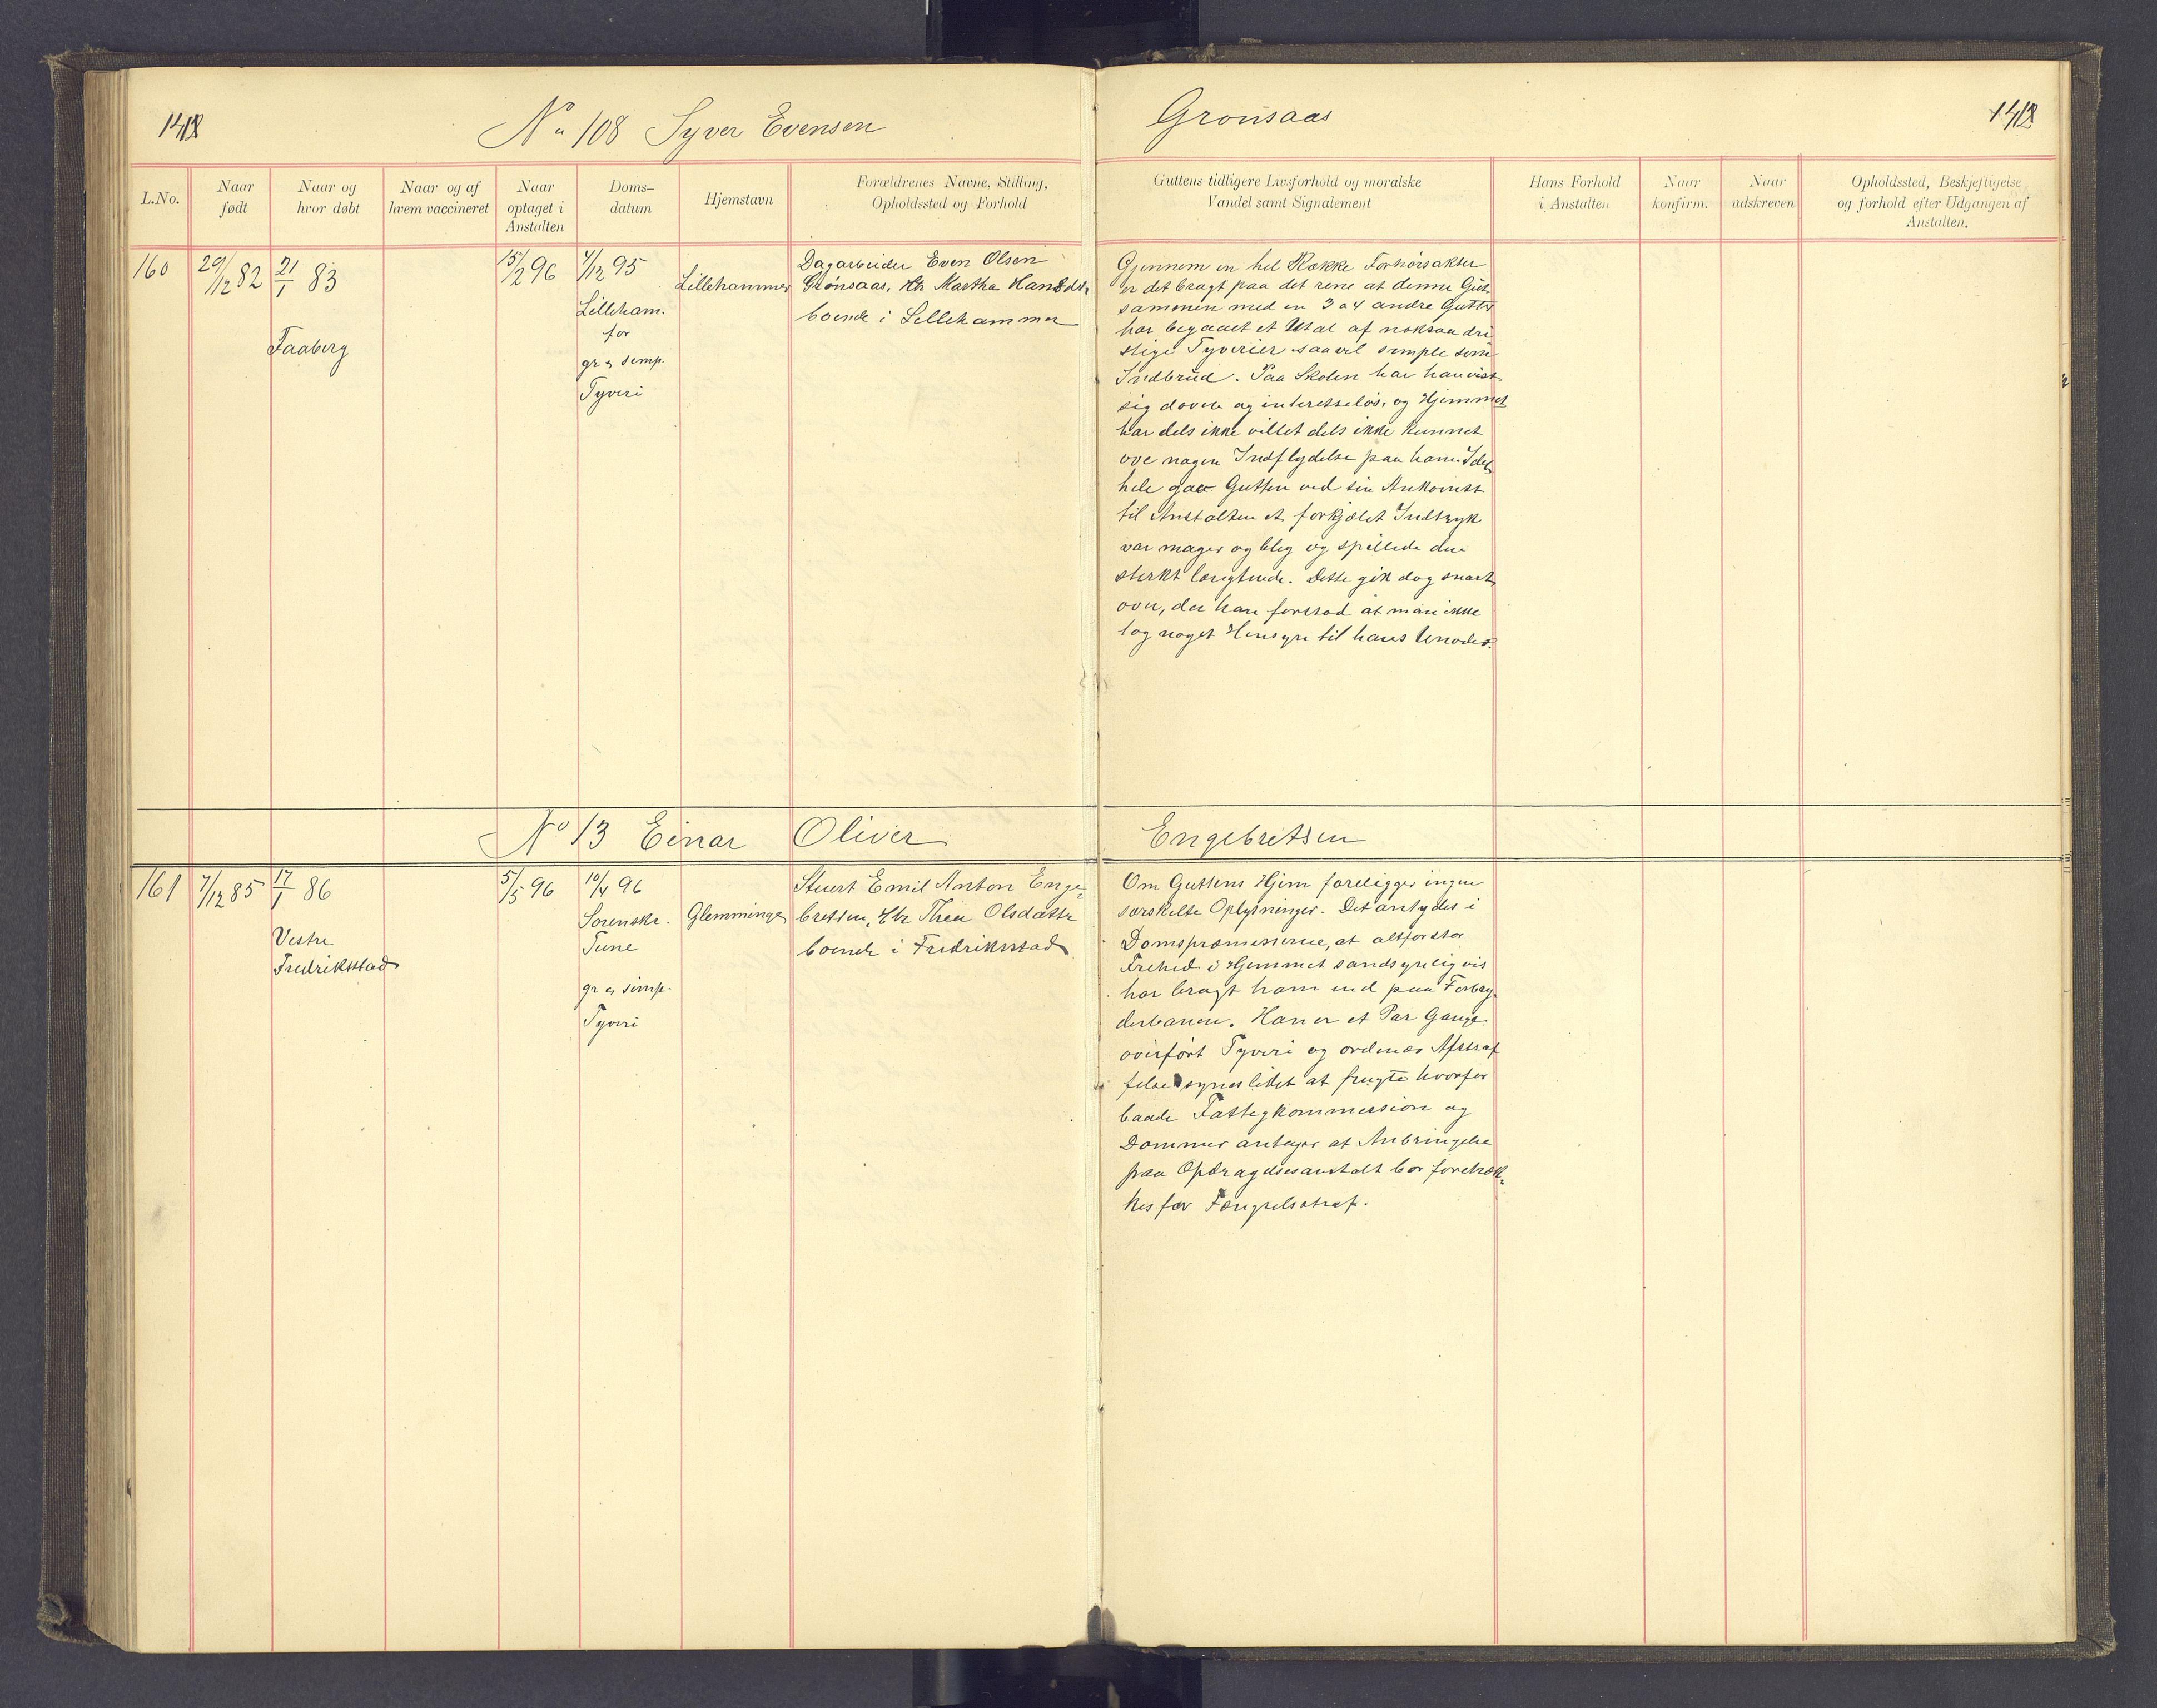 SAH, Toftes Gave, F/Fc/L0003: Elevprotokoll, 1886-1897, s. 141